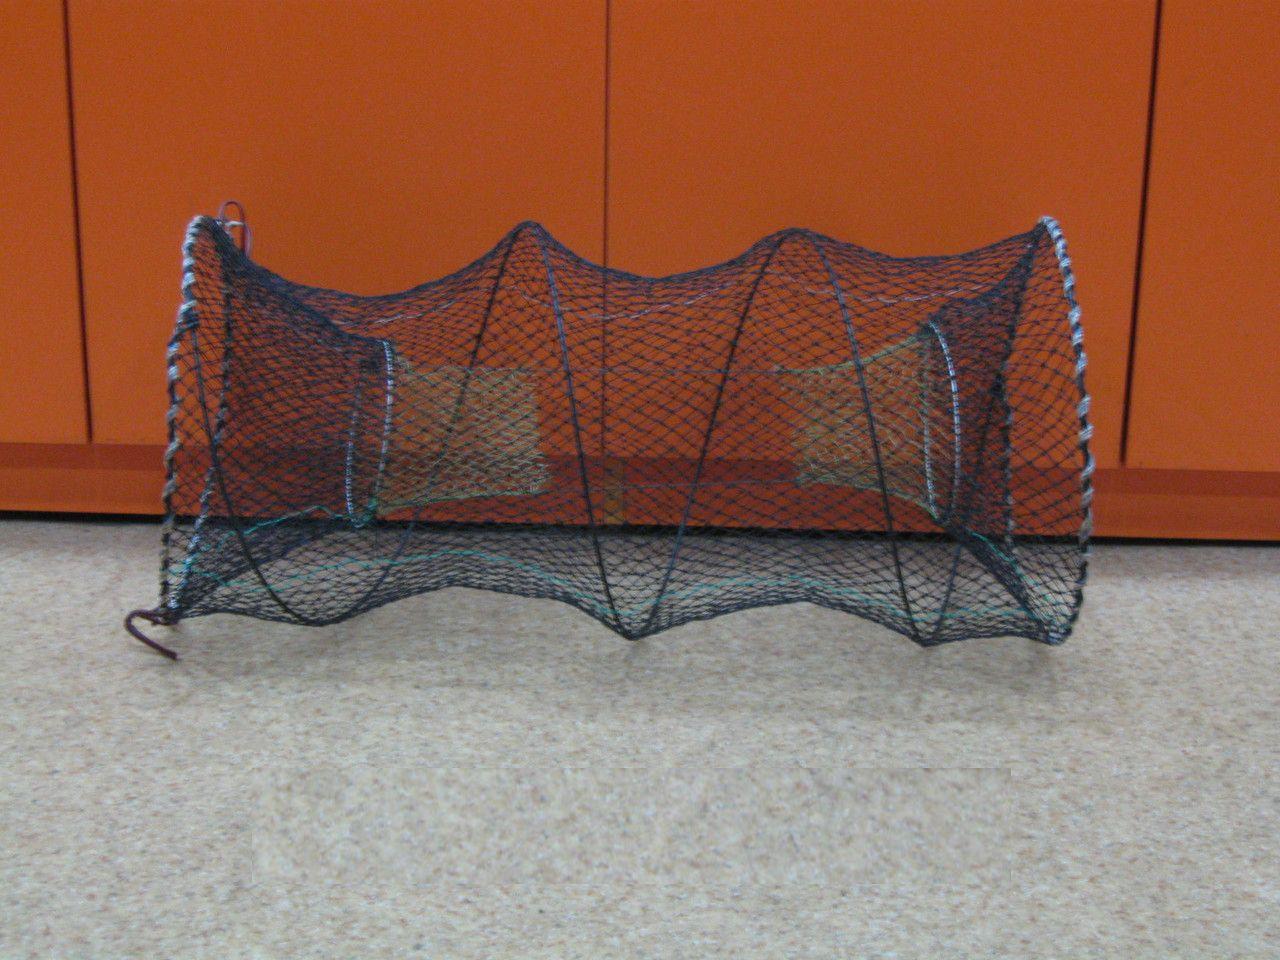 купить рыболовный вентерь в интернет магазине